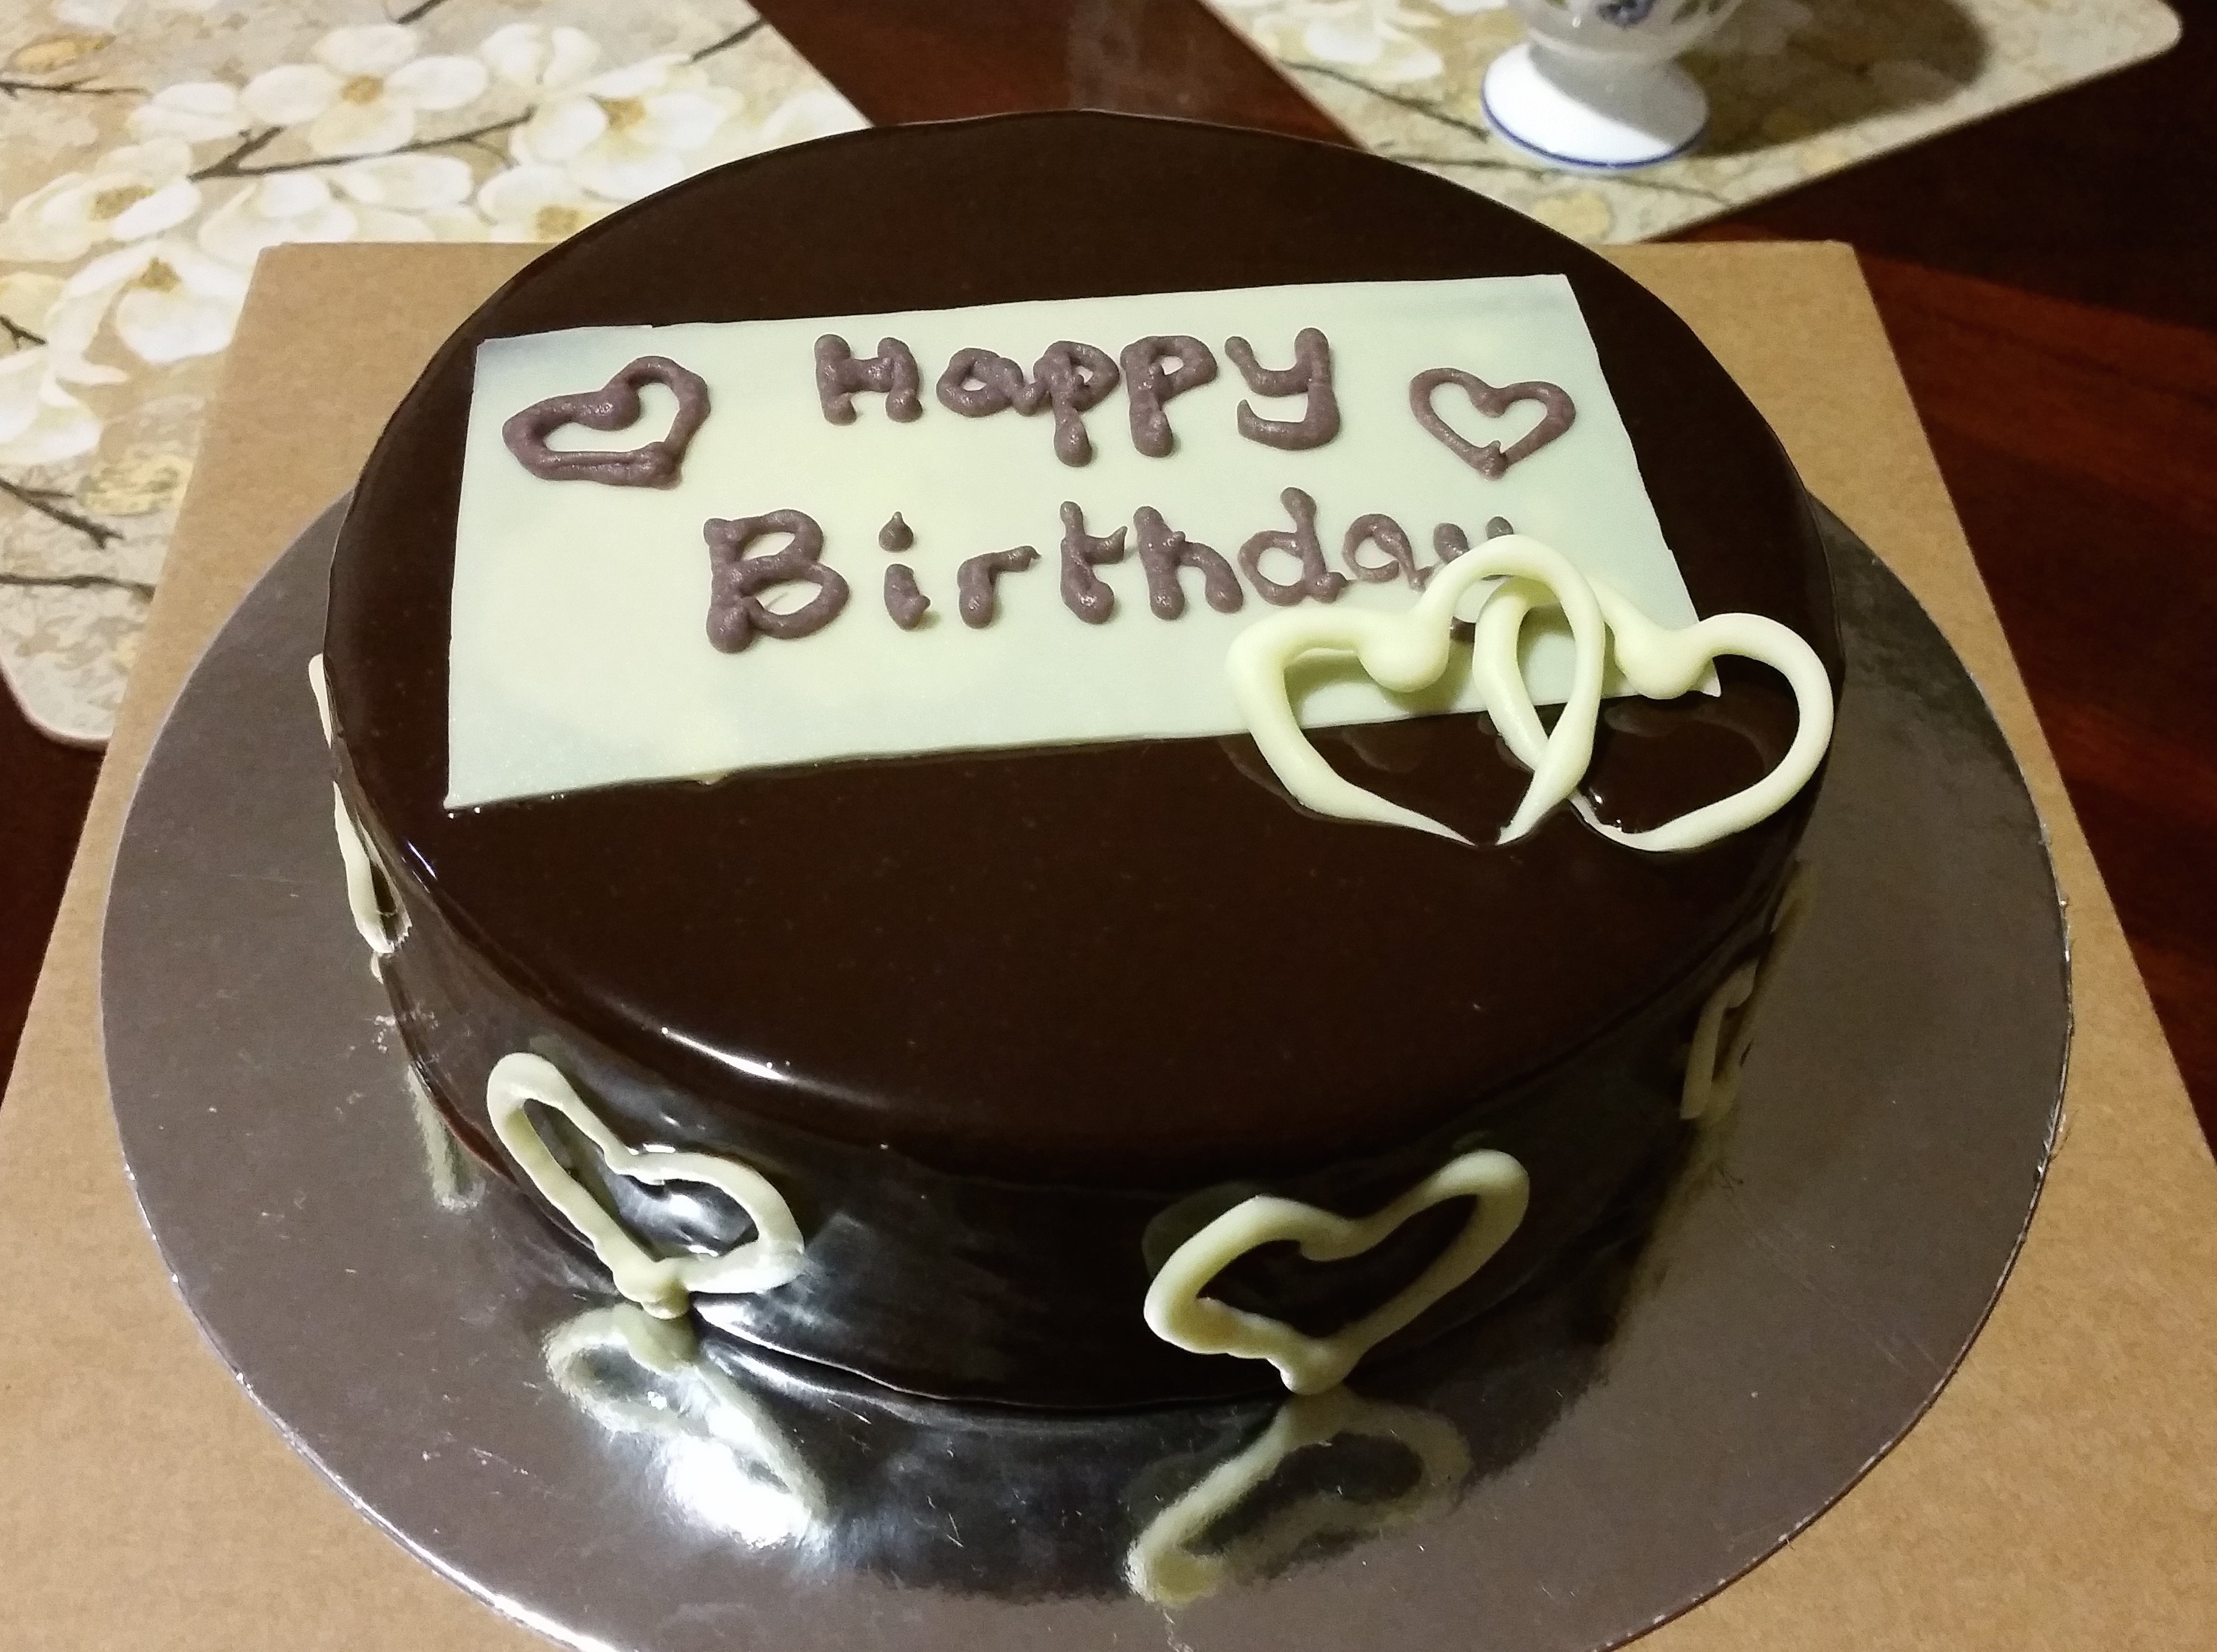 10 Fantastic Birthday Cake Ideas For Boyfriend beautiful design birthday cake for boyfriend surprising ideas 2020